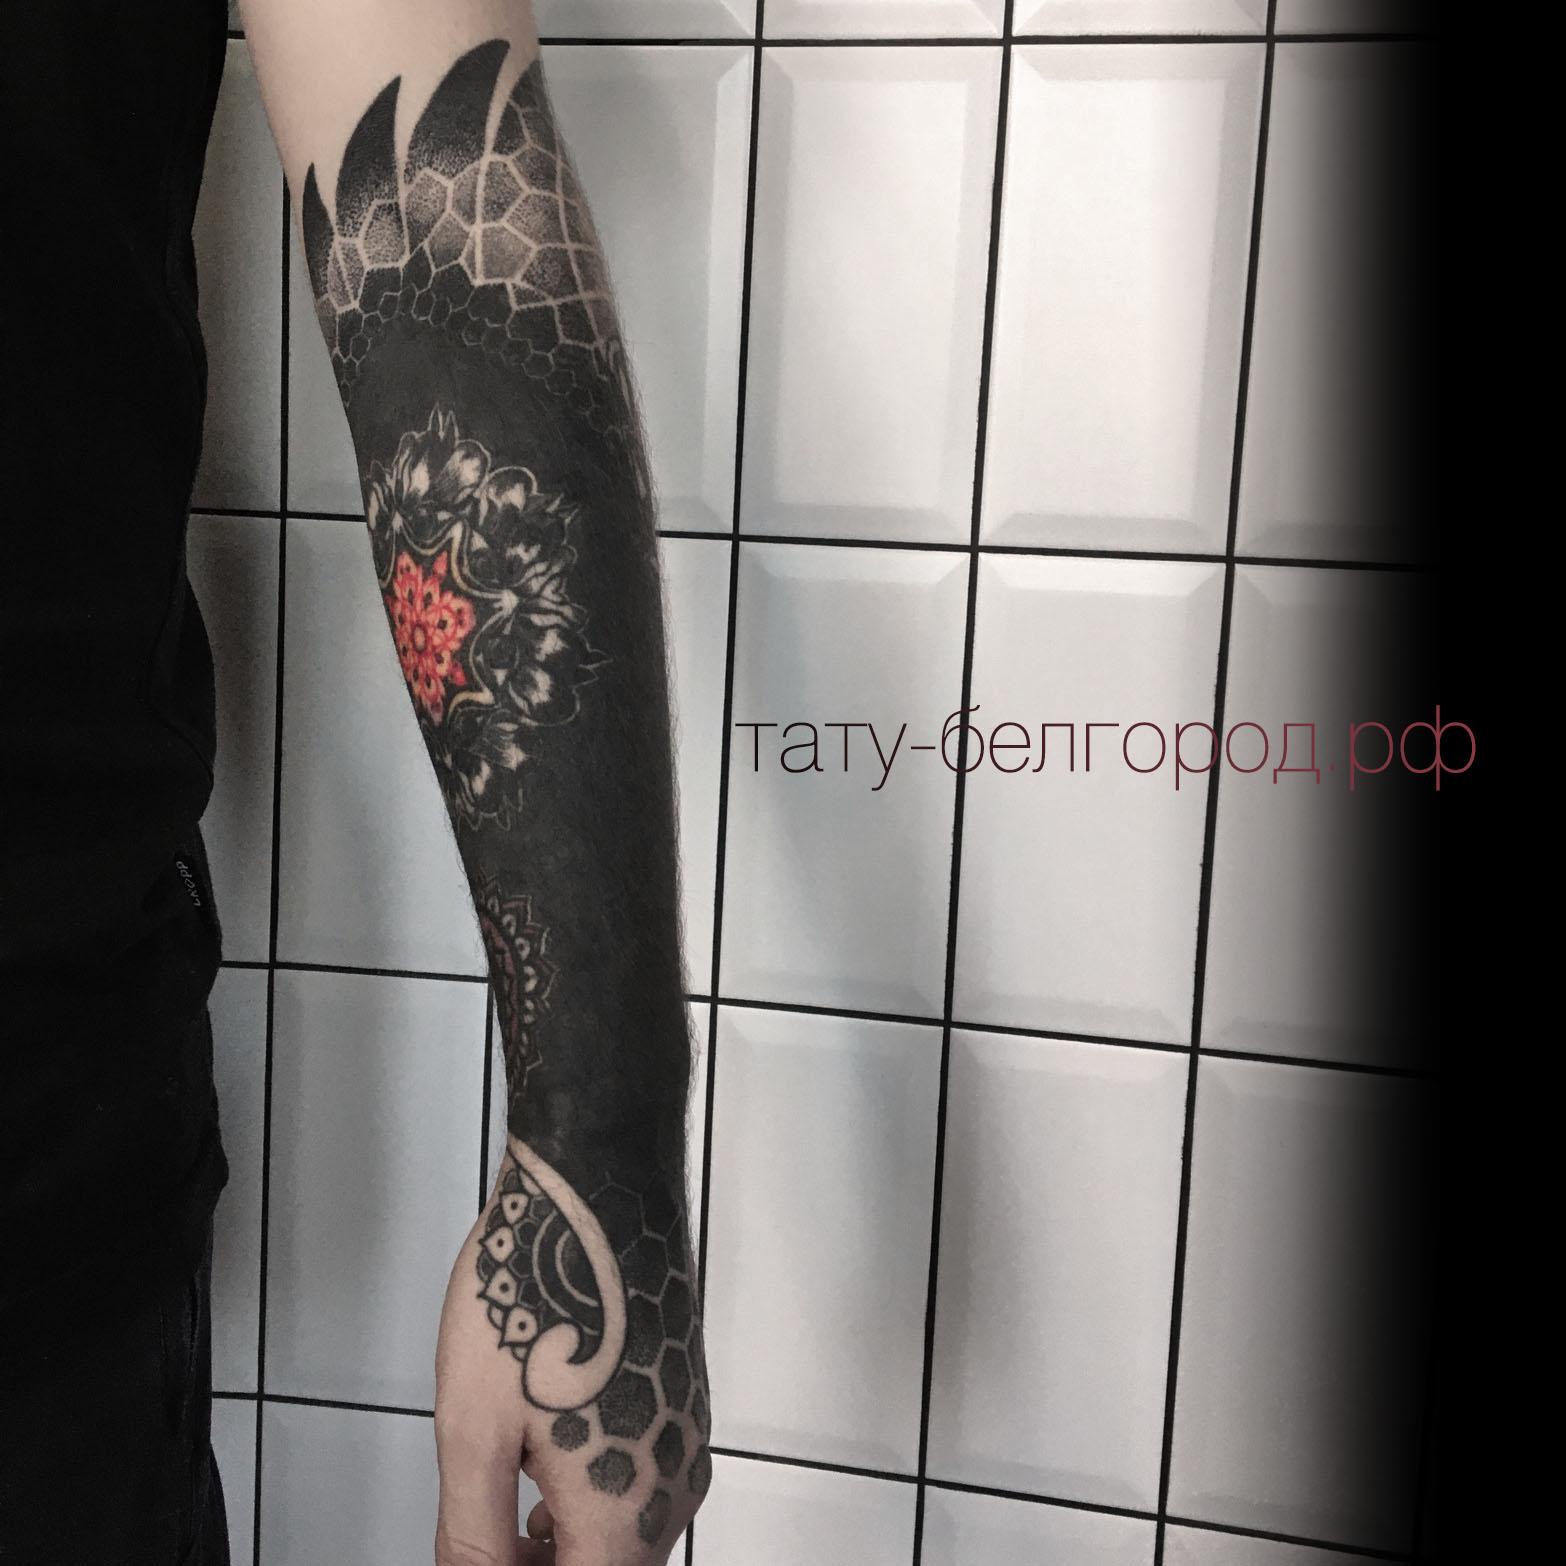 Фото татуировки, перекрытие блэкворком н